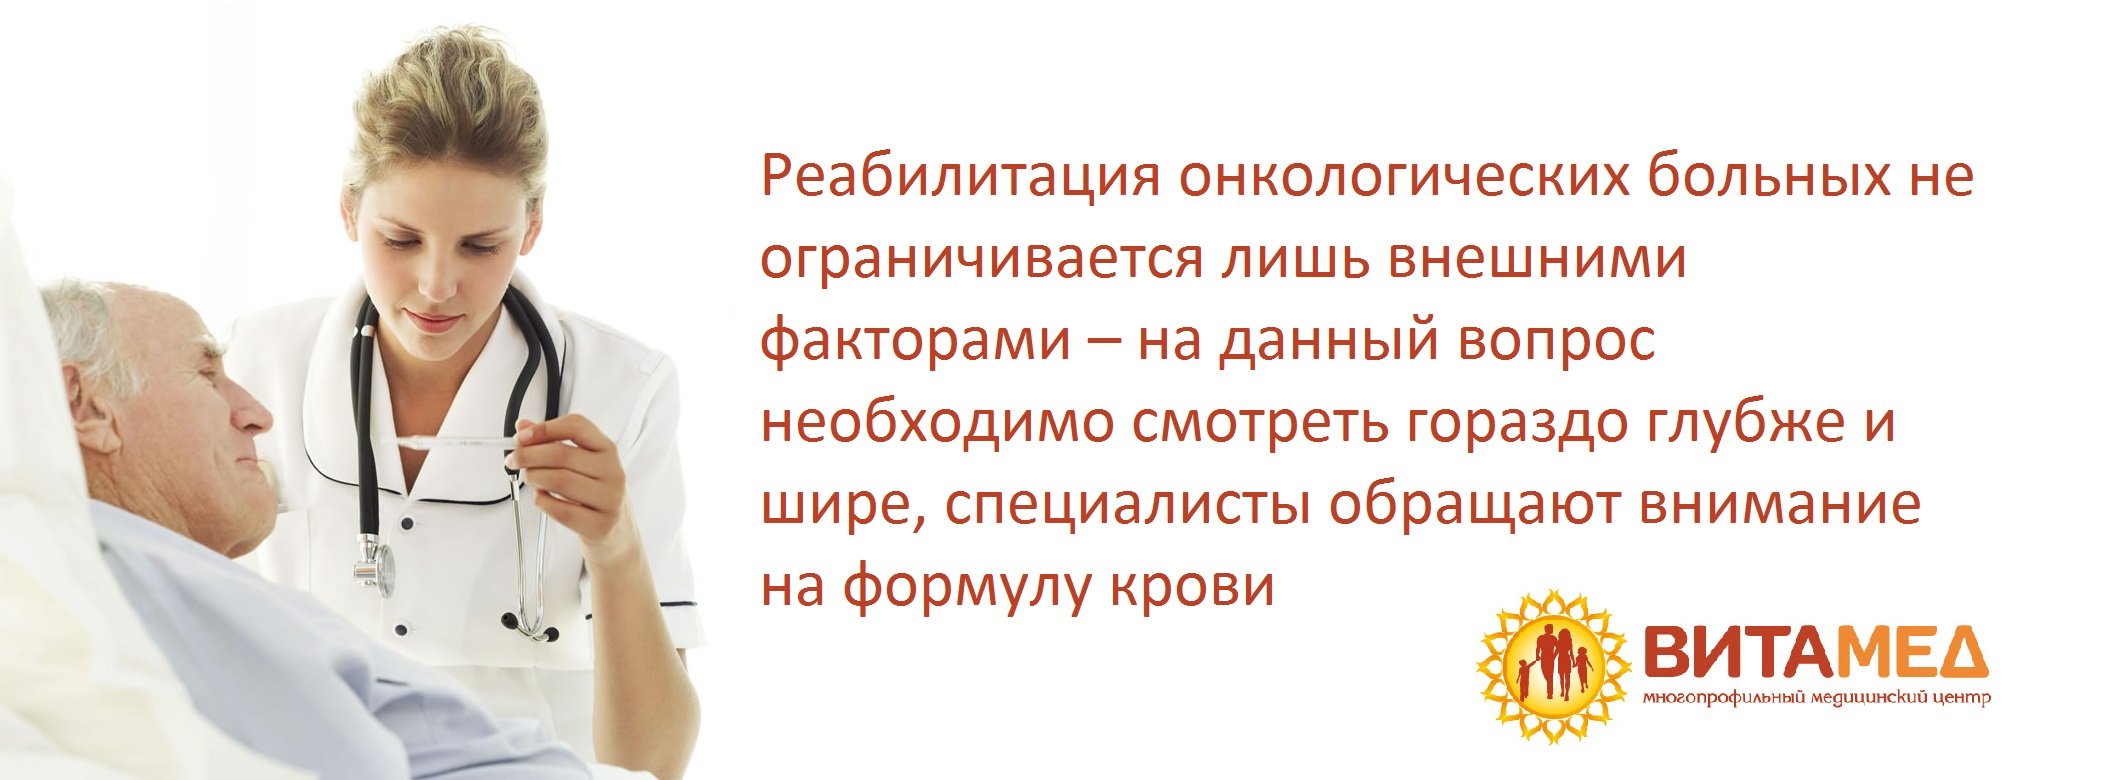 Восстановление после химиотерапии в Москве